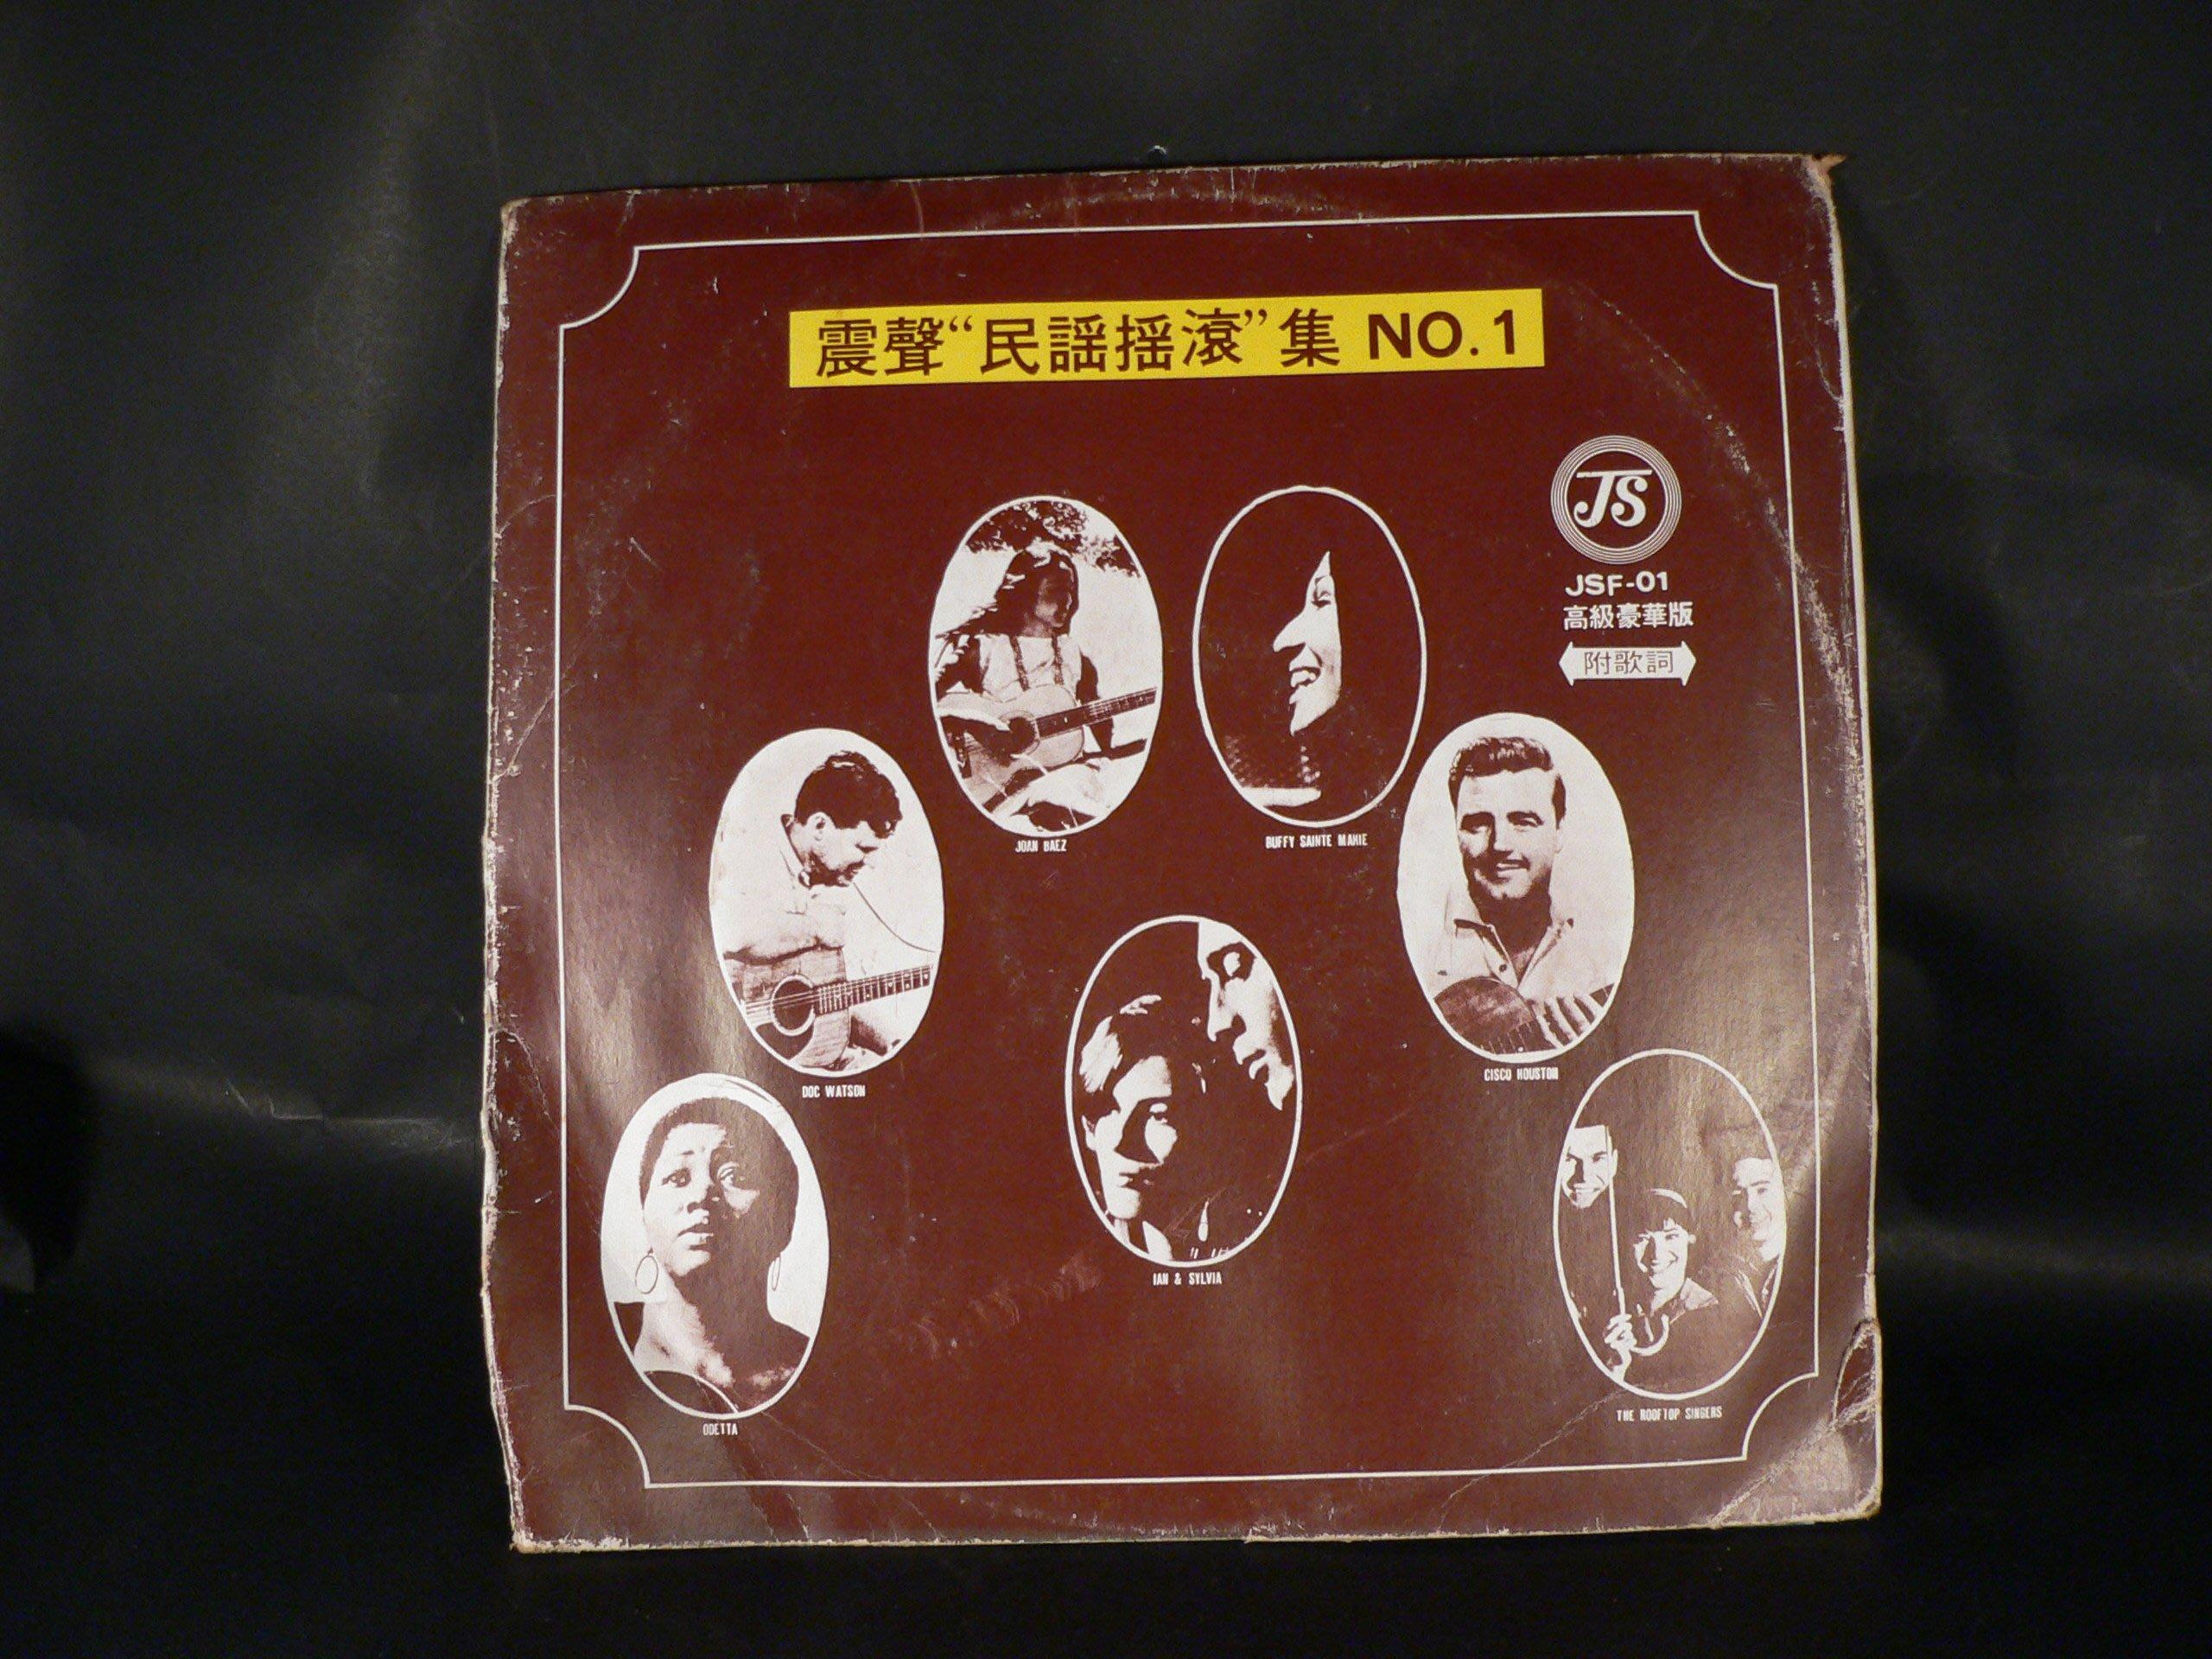 乖乖@賣場(LP黑膠唱片)12吋西洋黑膠 震聲 民謠搖滾 集 NO1